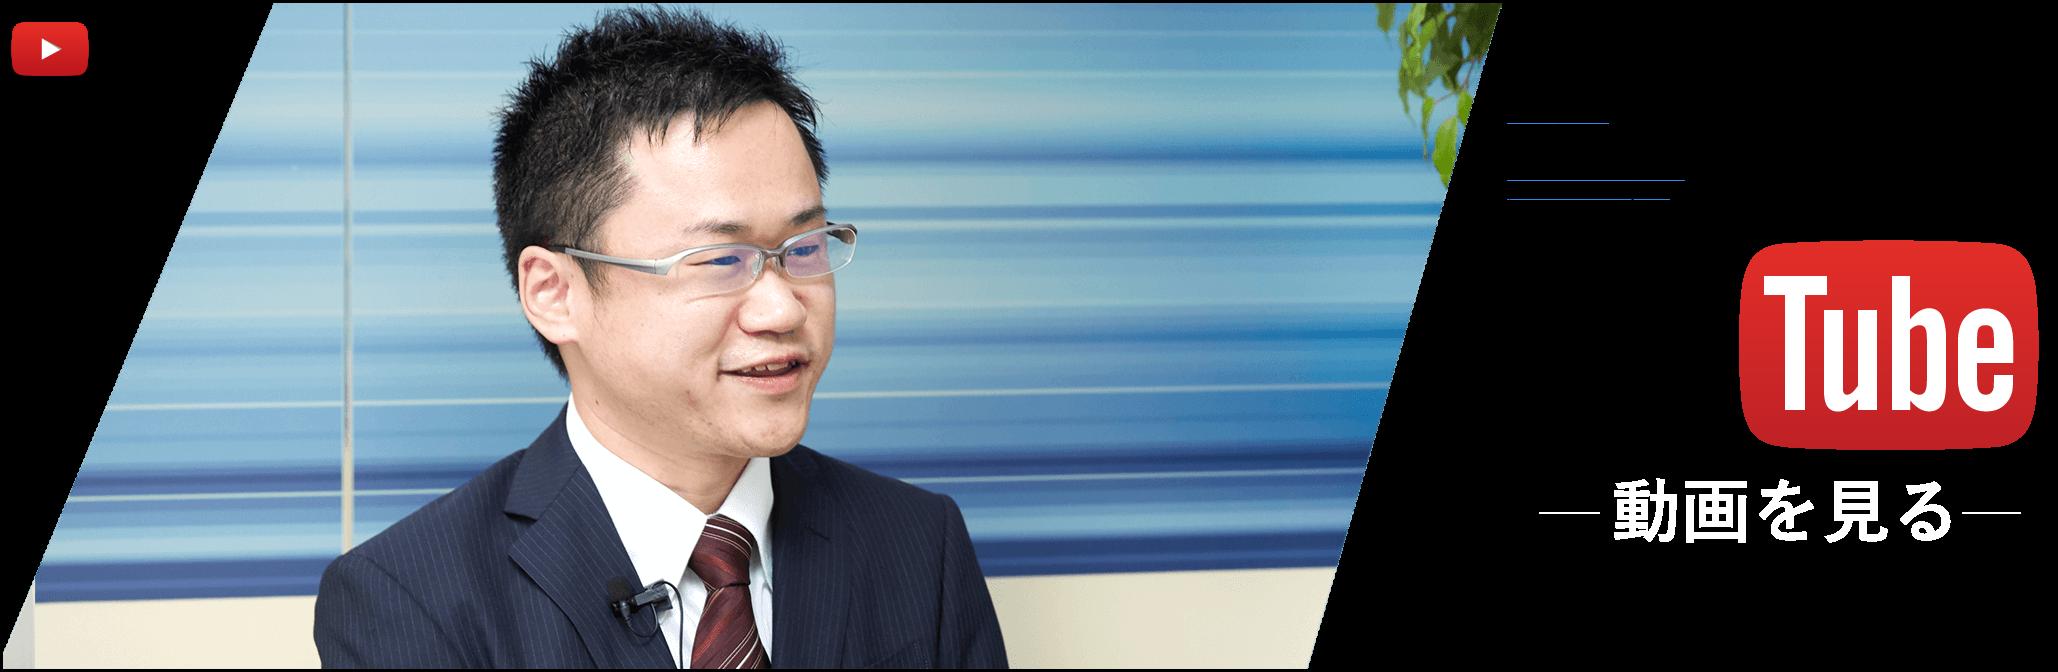 飯田勇介 30歳    将来発売される自動車の、 先行開発と設計を担当。